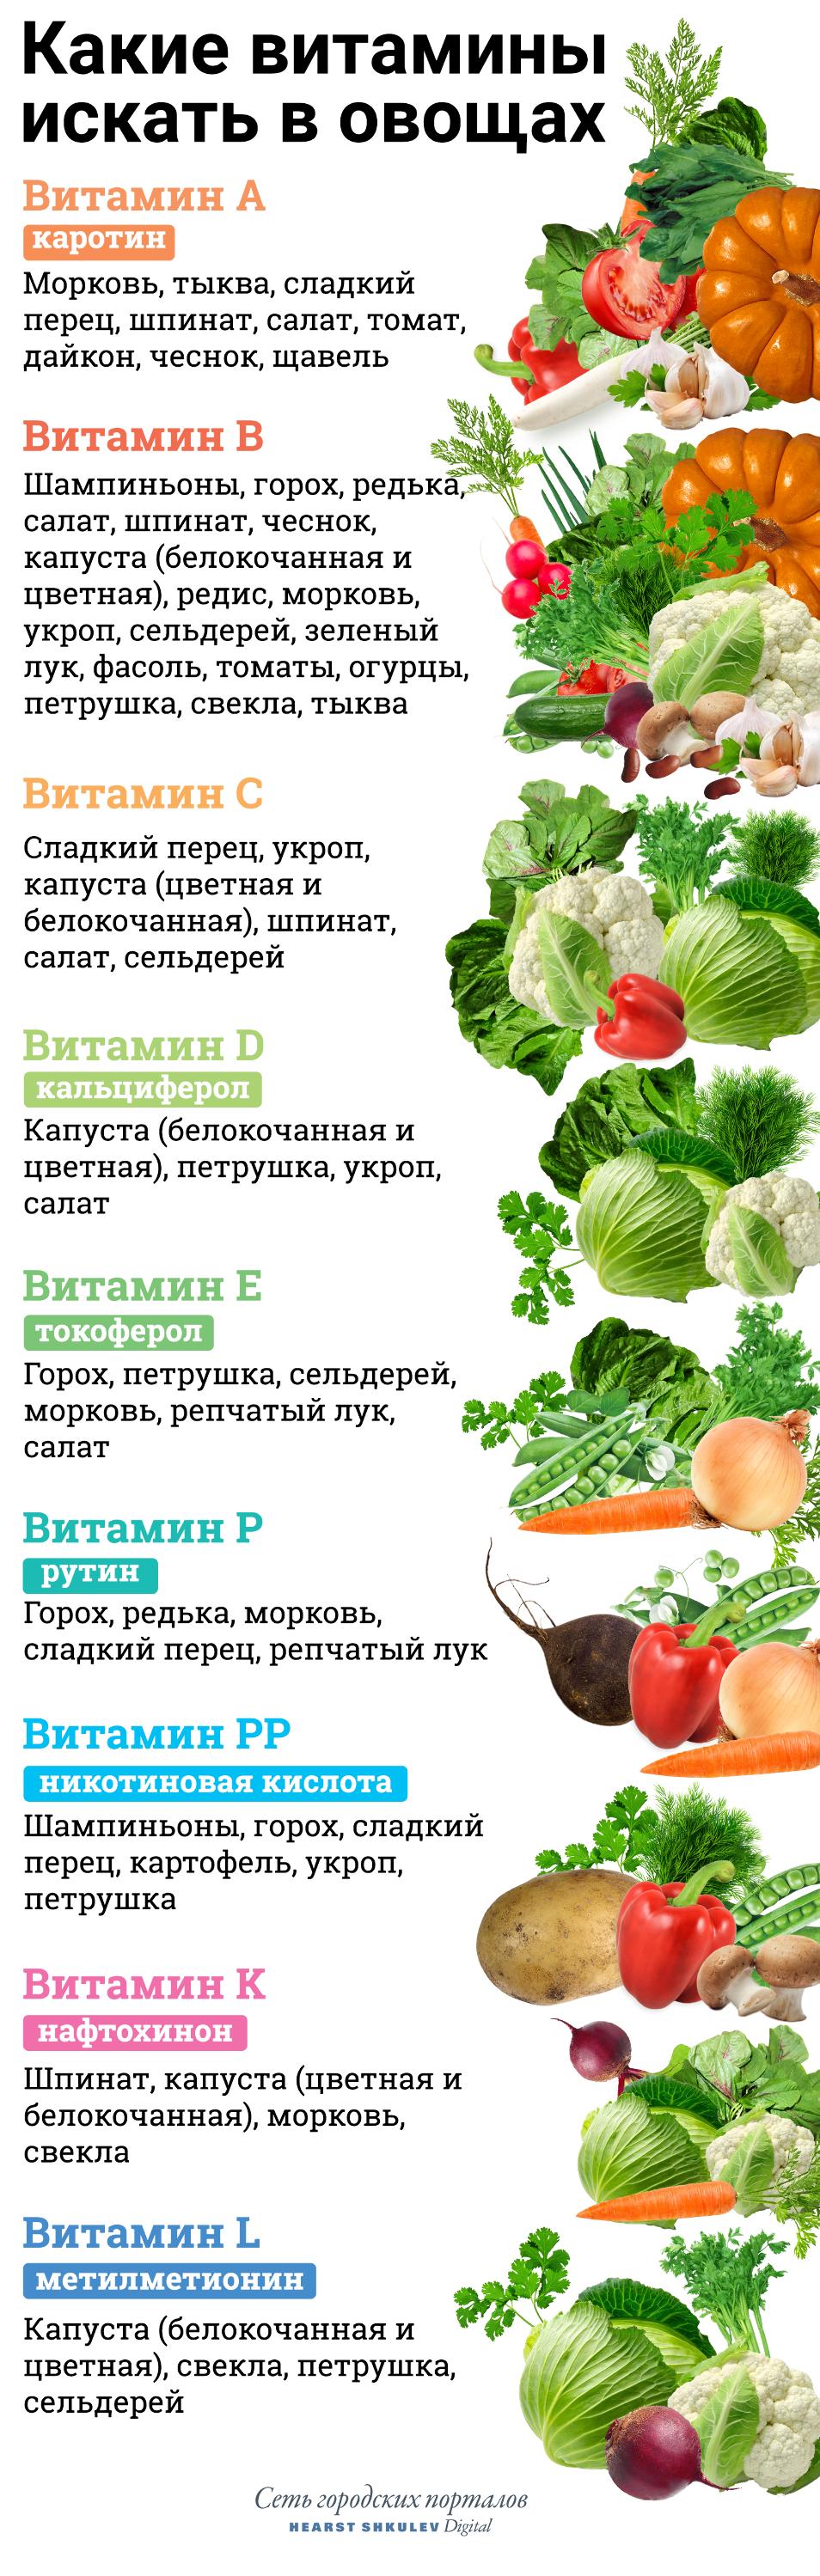 А теперь ищите любимые продукты в нашей витаминной таблице